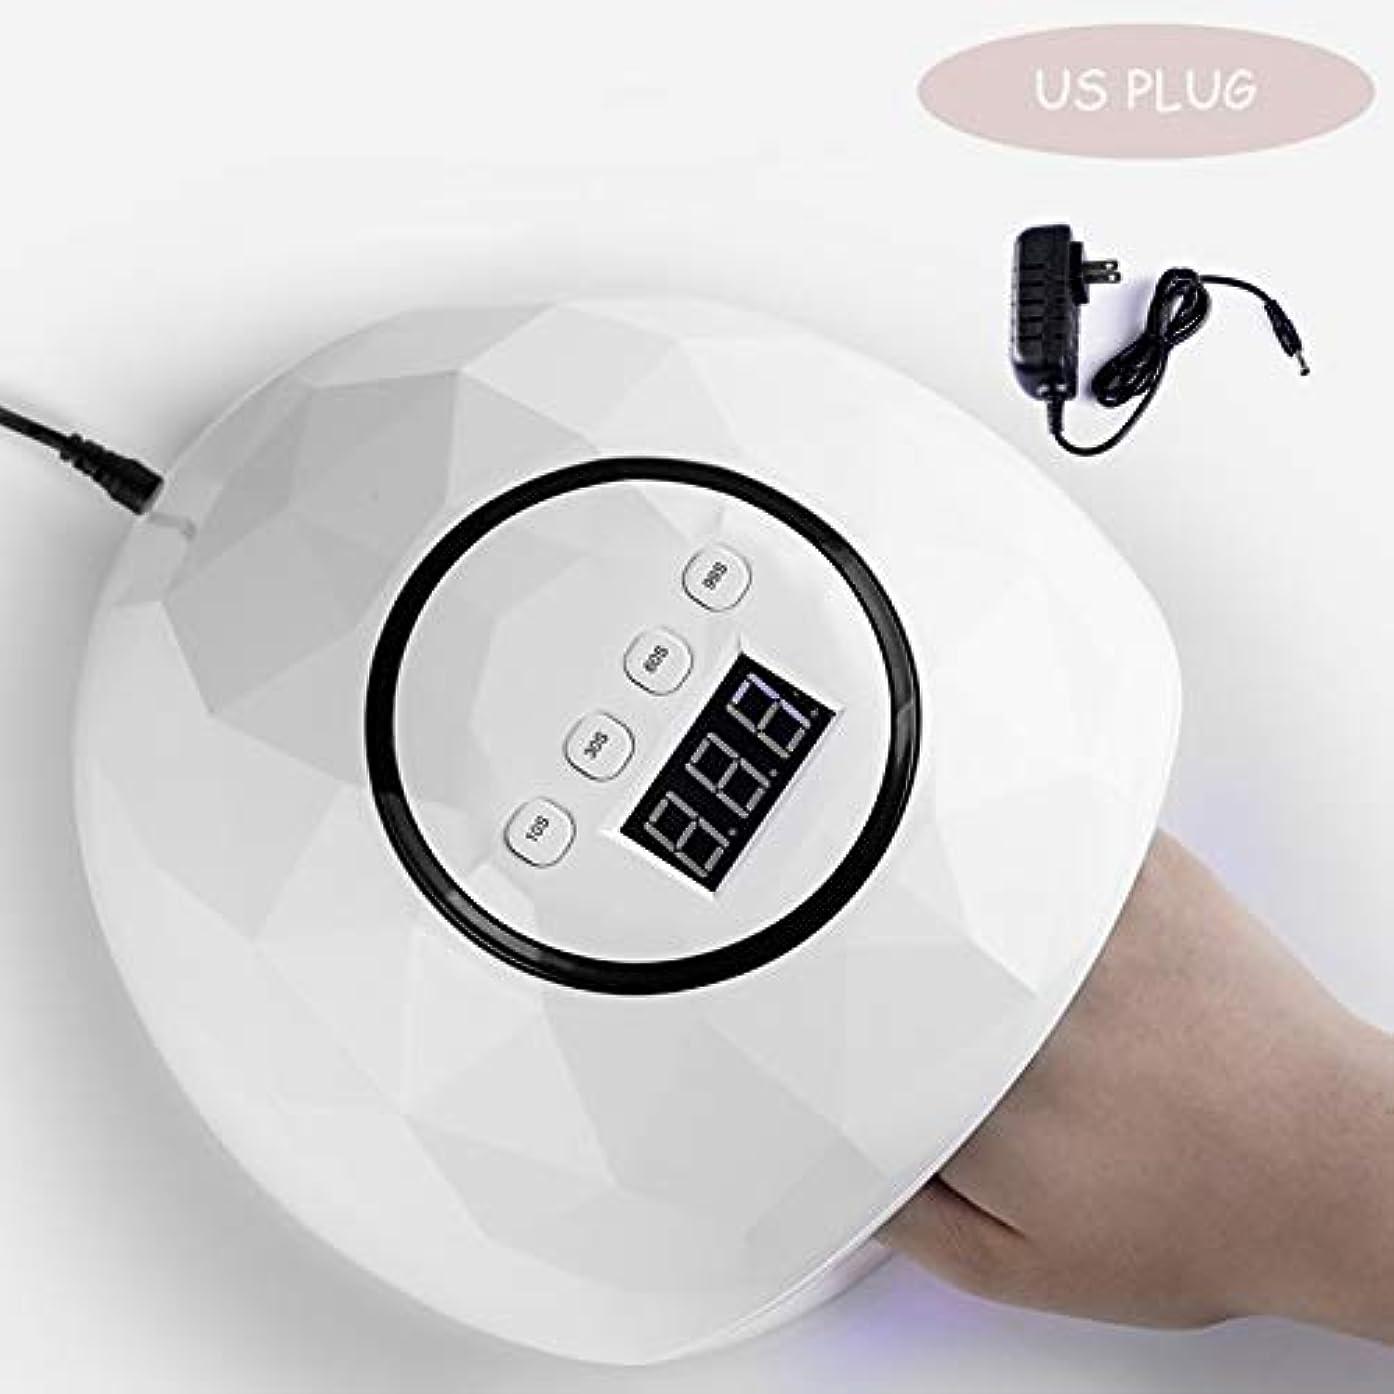 バーチャル刺繍ガレージchangchunST ネイルドライヤー 硬化用UVライト LEDダブルライト 72W新型 24ランプビーズ ネイルランプ インテリジェント誘導 赤外線検知 硬化用 マニキュア レジンにも便利